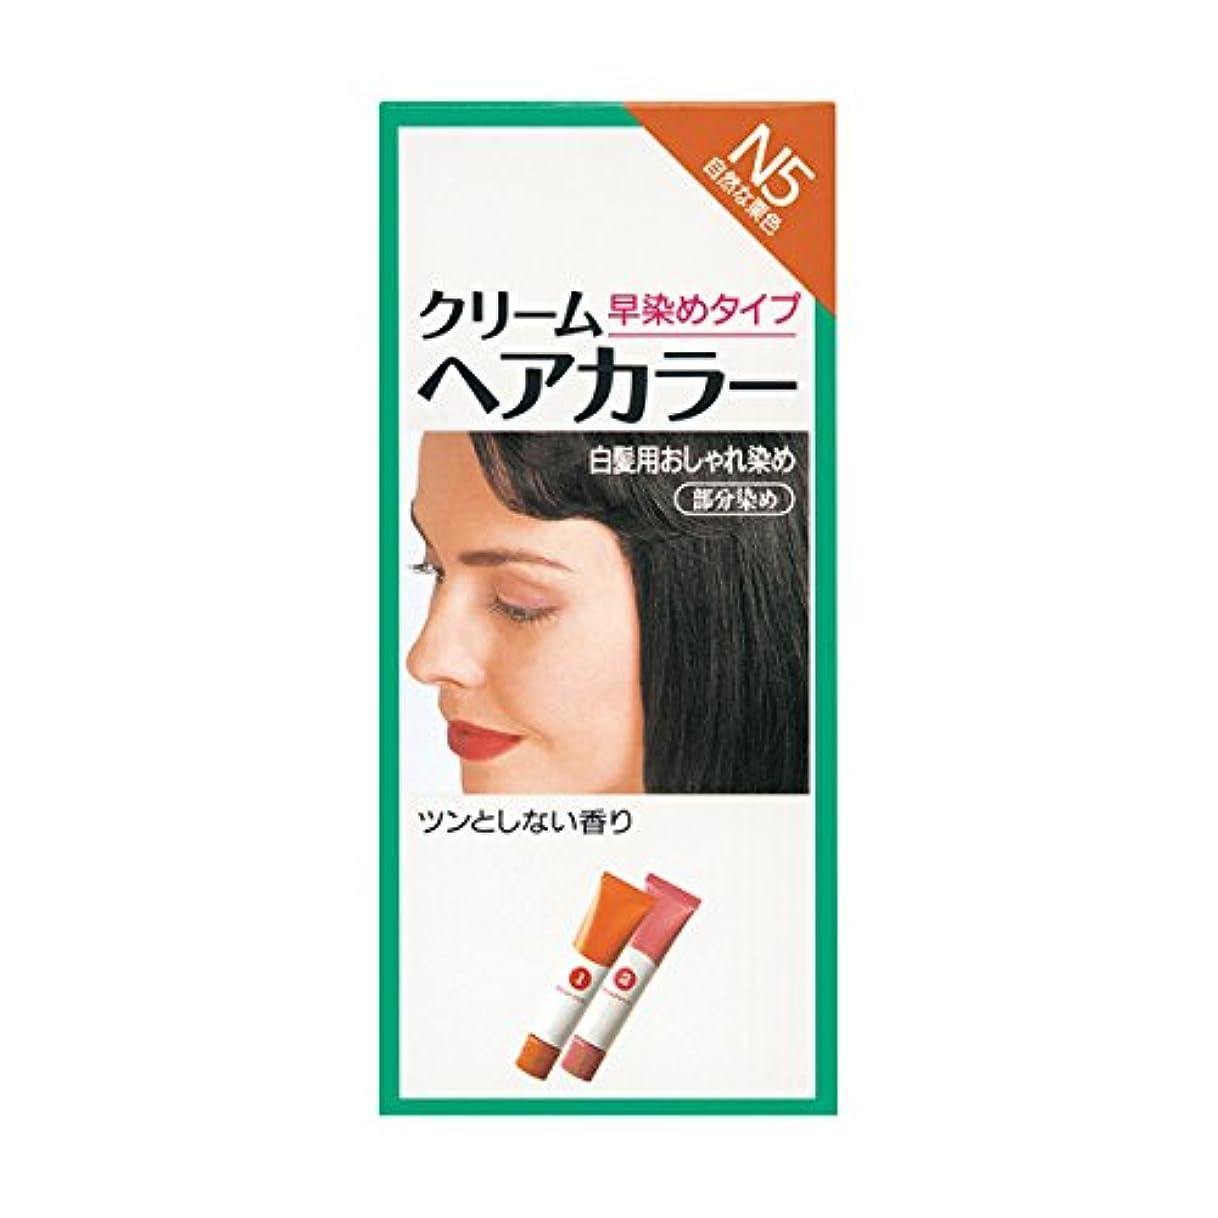 ロッカーメトリックモディッシュヘアカラー クリームヘアカラーN N5 【医薬部外品】